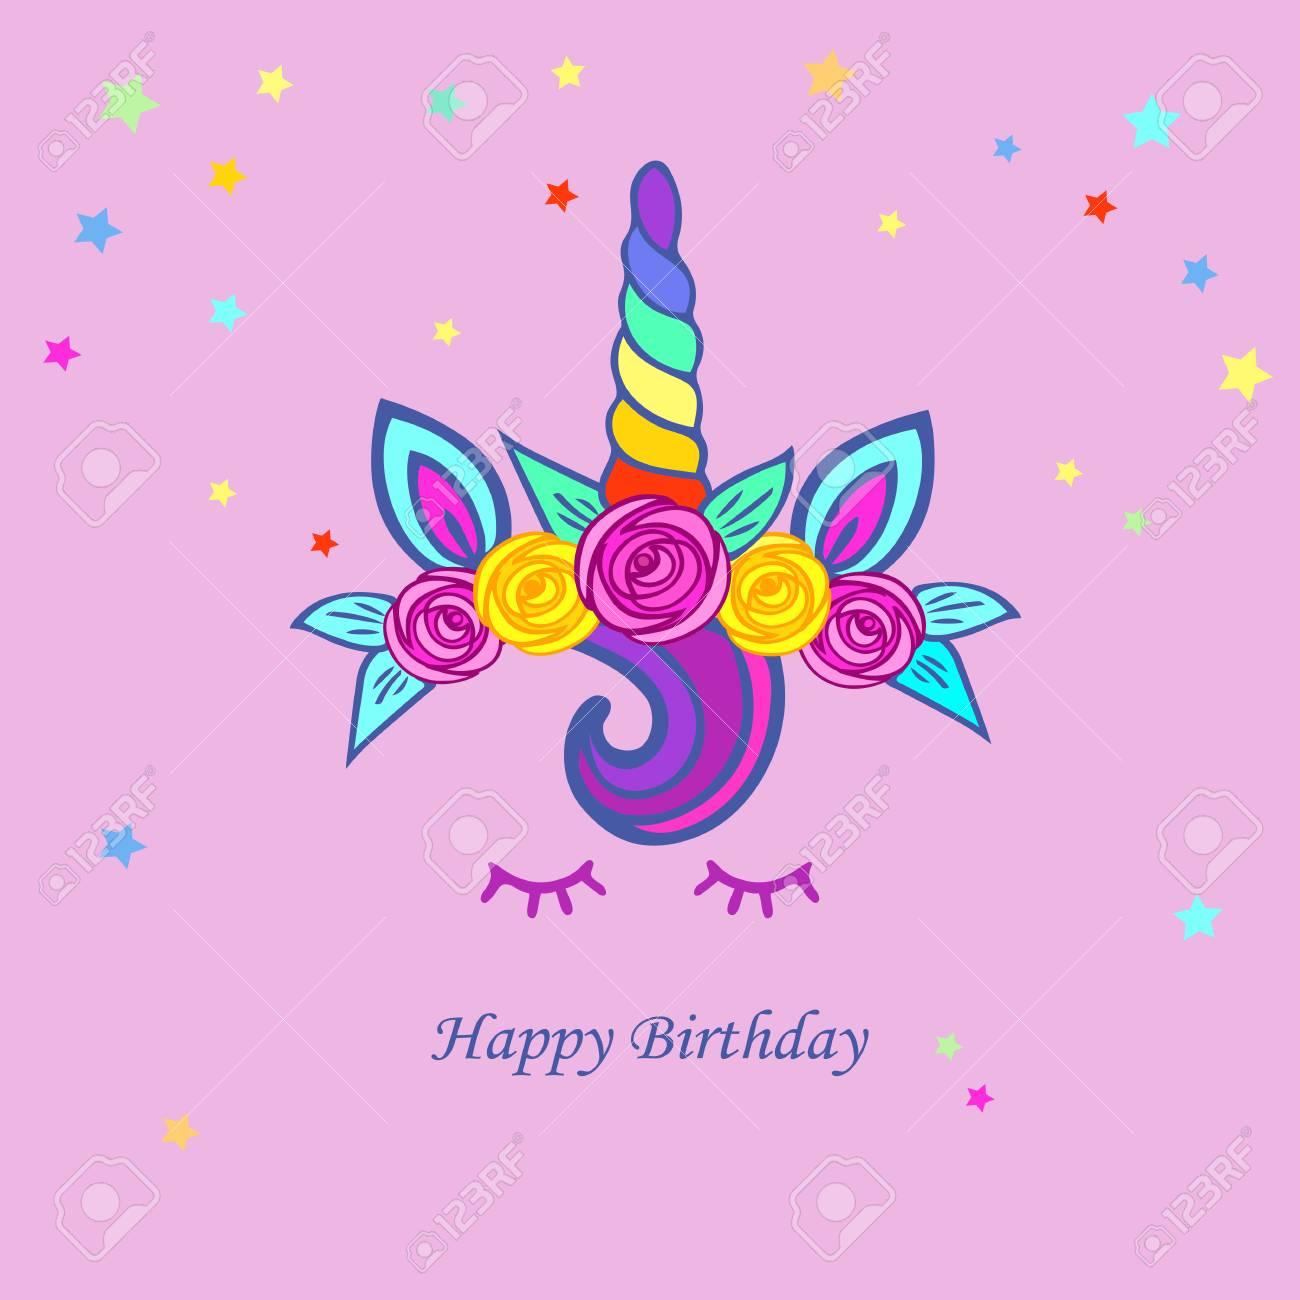 Ilustración Linda Con Unicornio Tiara Arco Iris Cuerno Y Floweres Plantilla Para Invitación De Fiesta Tarjeta De Felicitación Amor Tarjeta